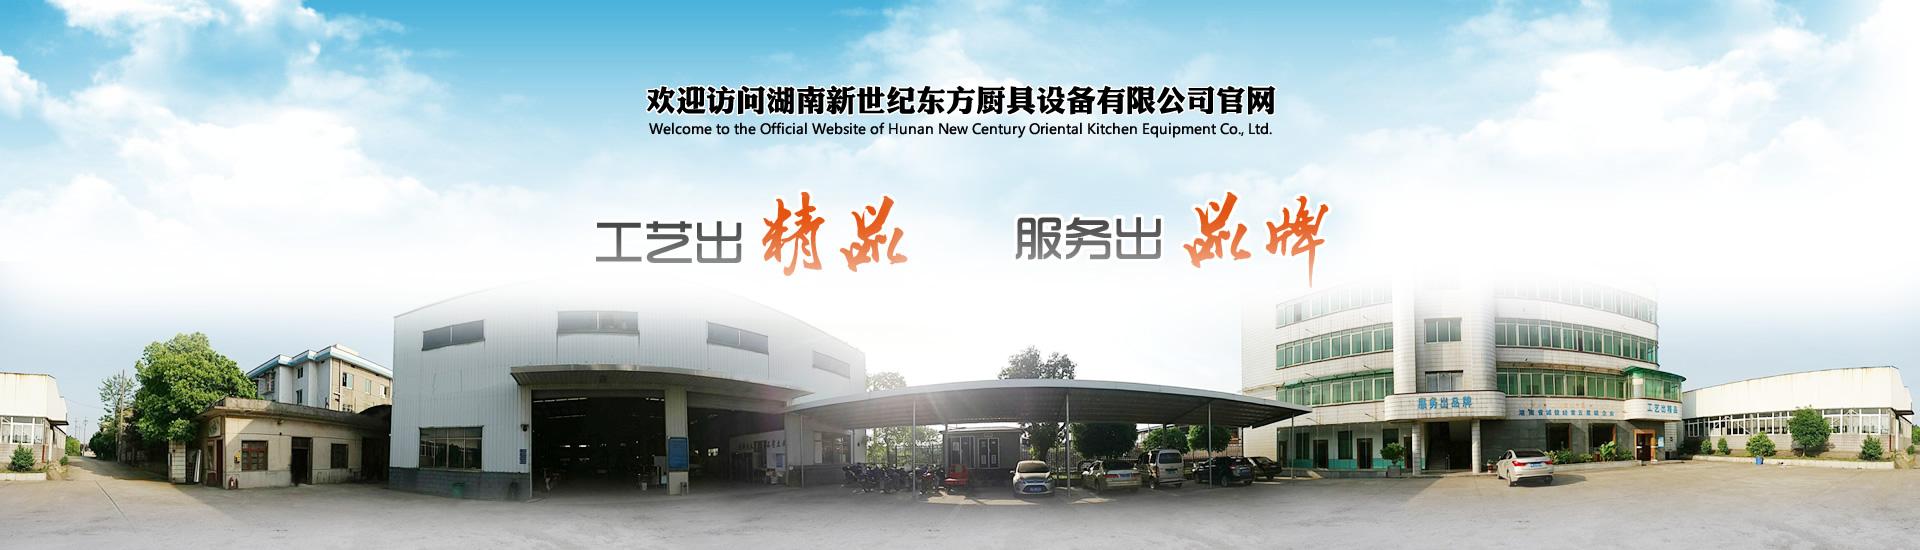 欢迎访问湖南万博体育manbet网页东方万博官方manbext体育万博体育登录app有限公司官方网站